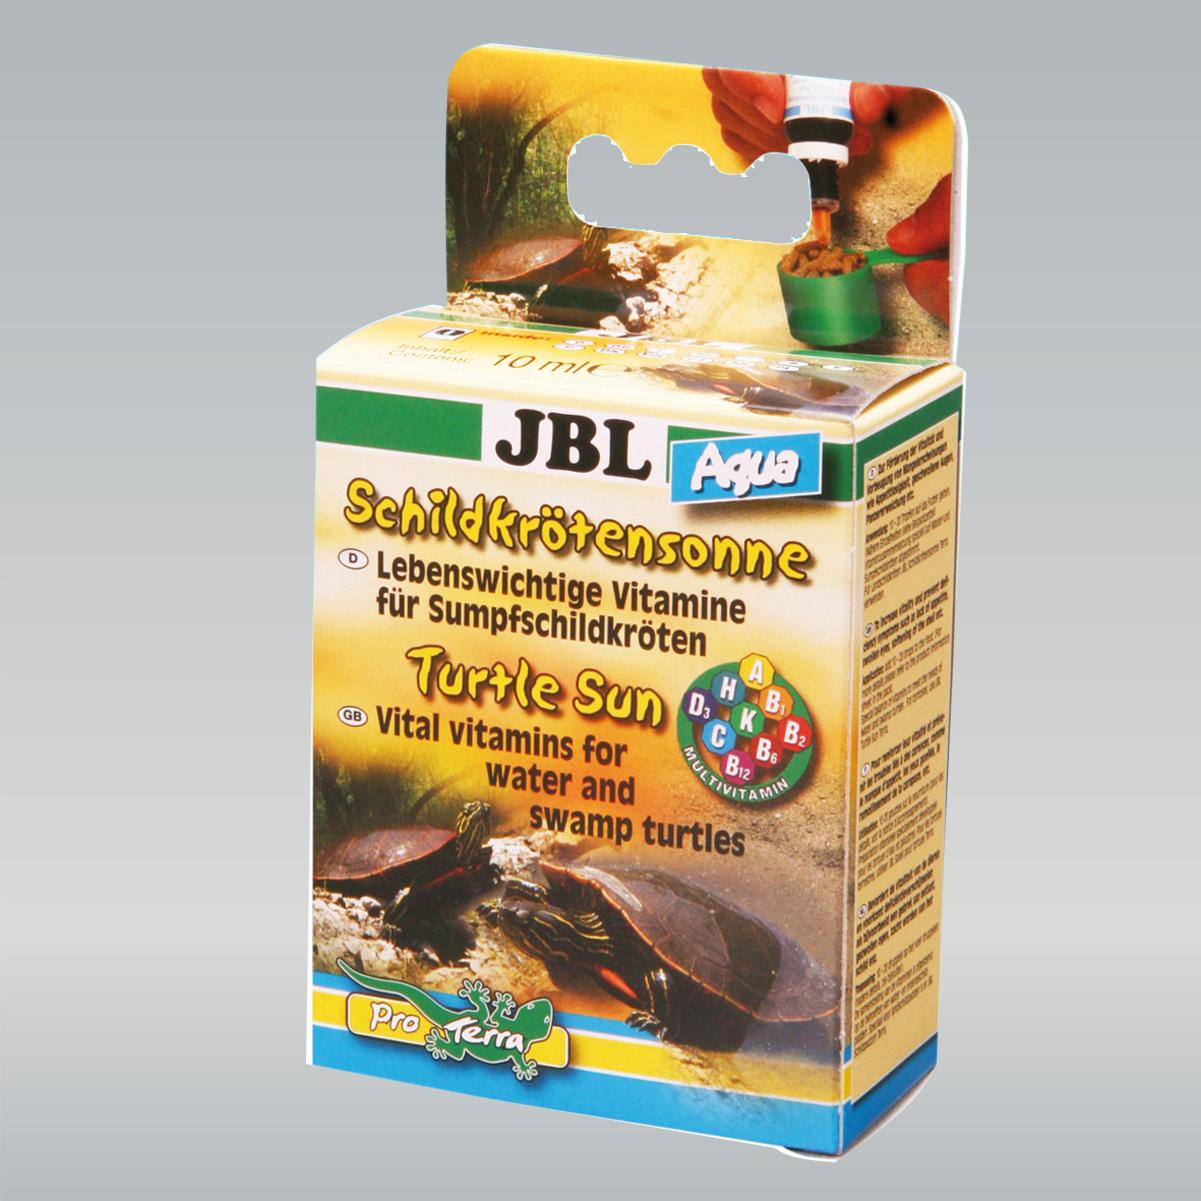 JBL Schildkrötensonne Aqua 10 ml 7044100